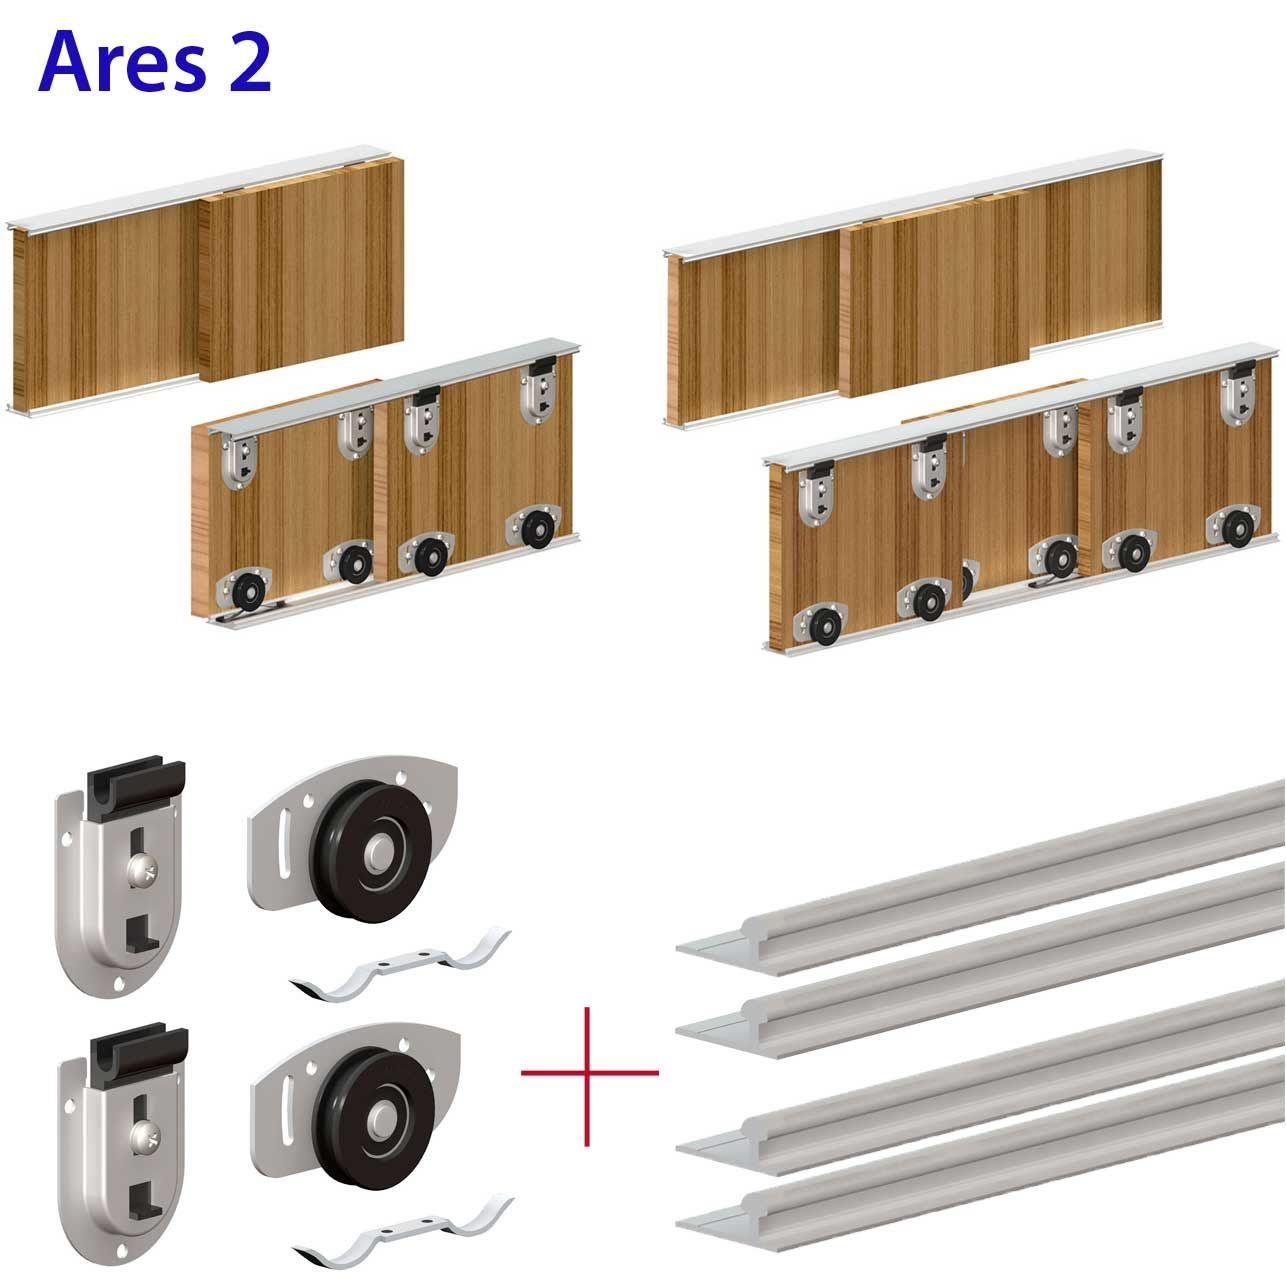 Ares Wardrobe Sliding Door Gear Track Kit For Bottom Rolling Setup For Diy Buller Sliding Cabinet Door Hardware Sliding Door Systems Cabinet Door Hardware